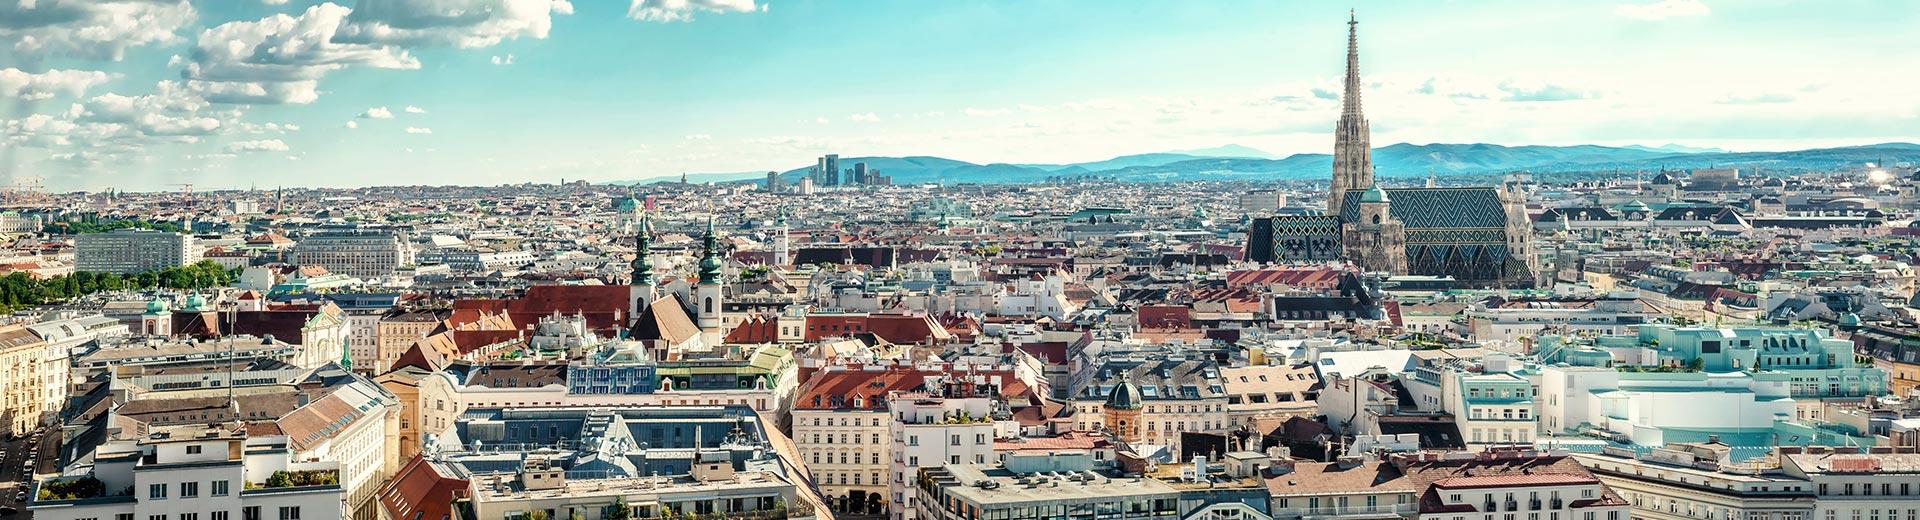 Voyage en groupe Vienne - offre economique vol